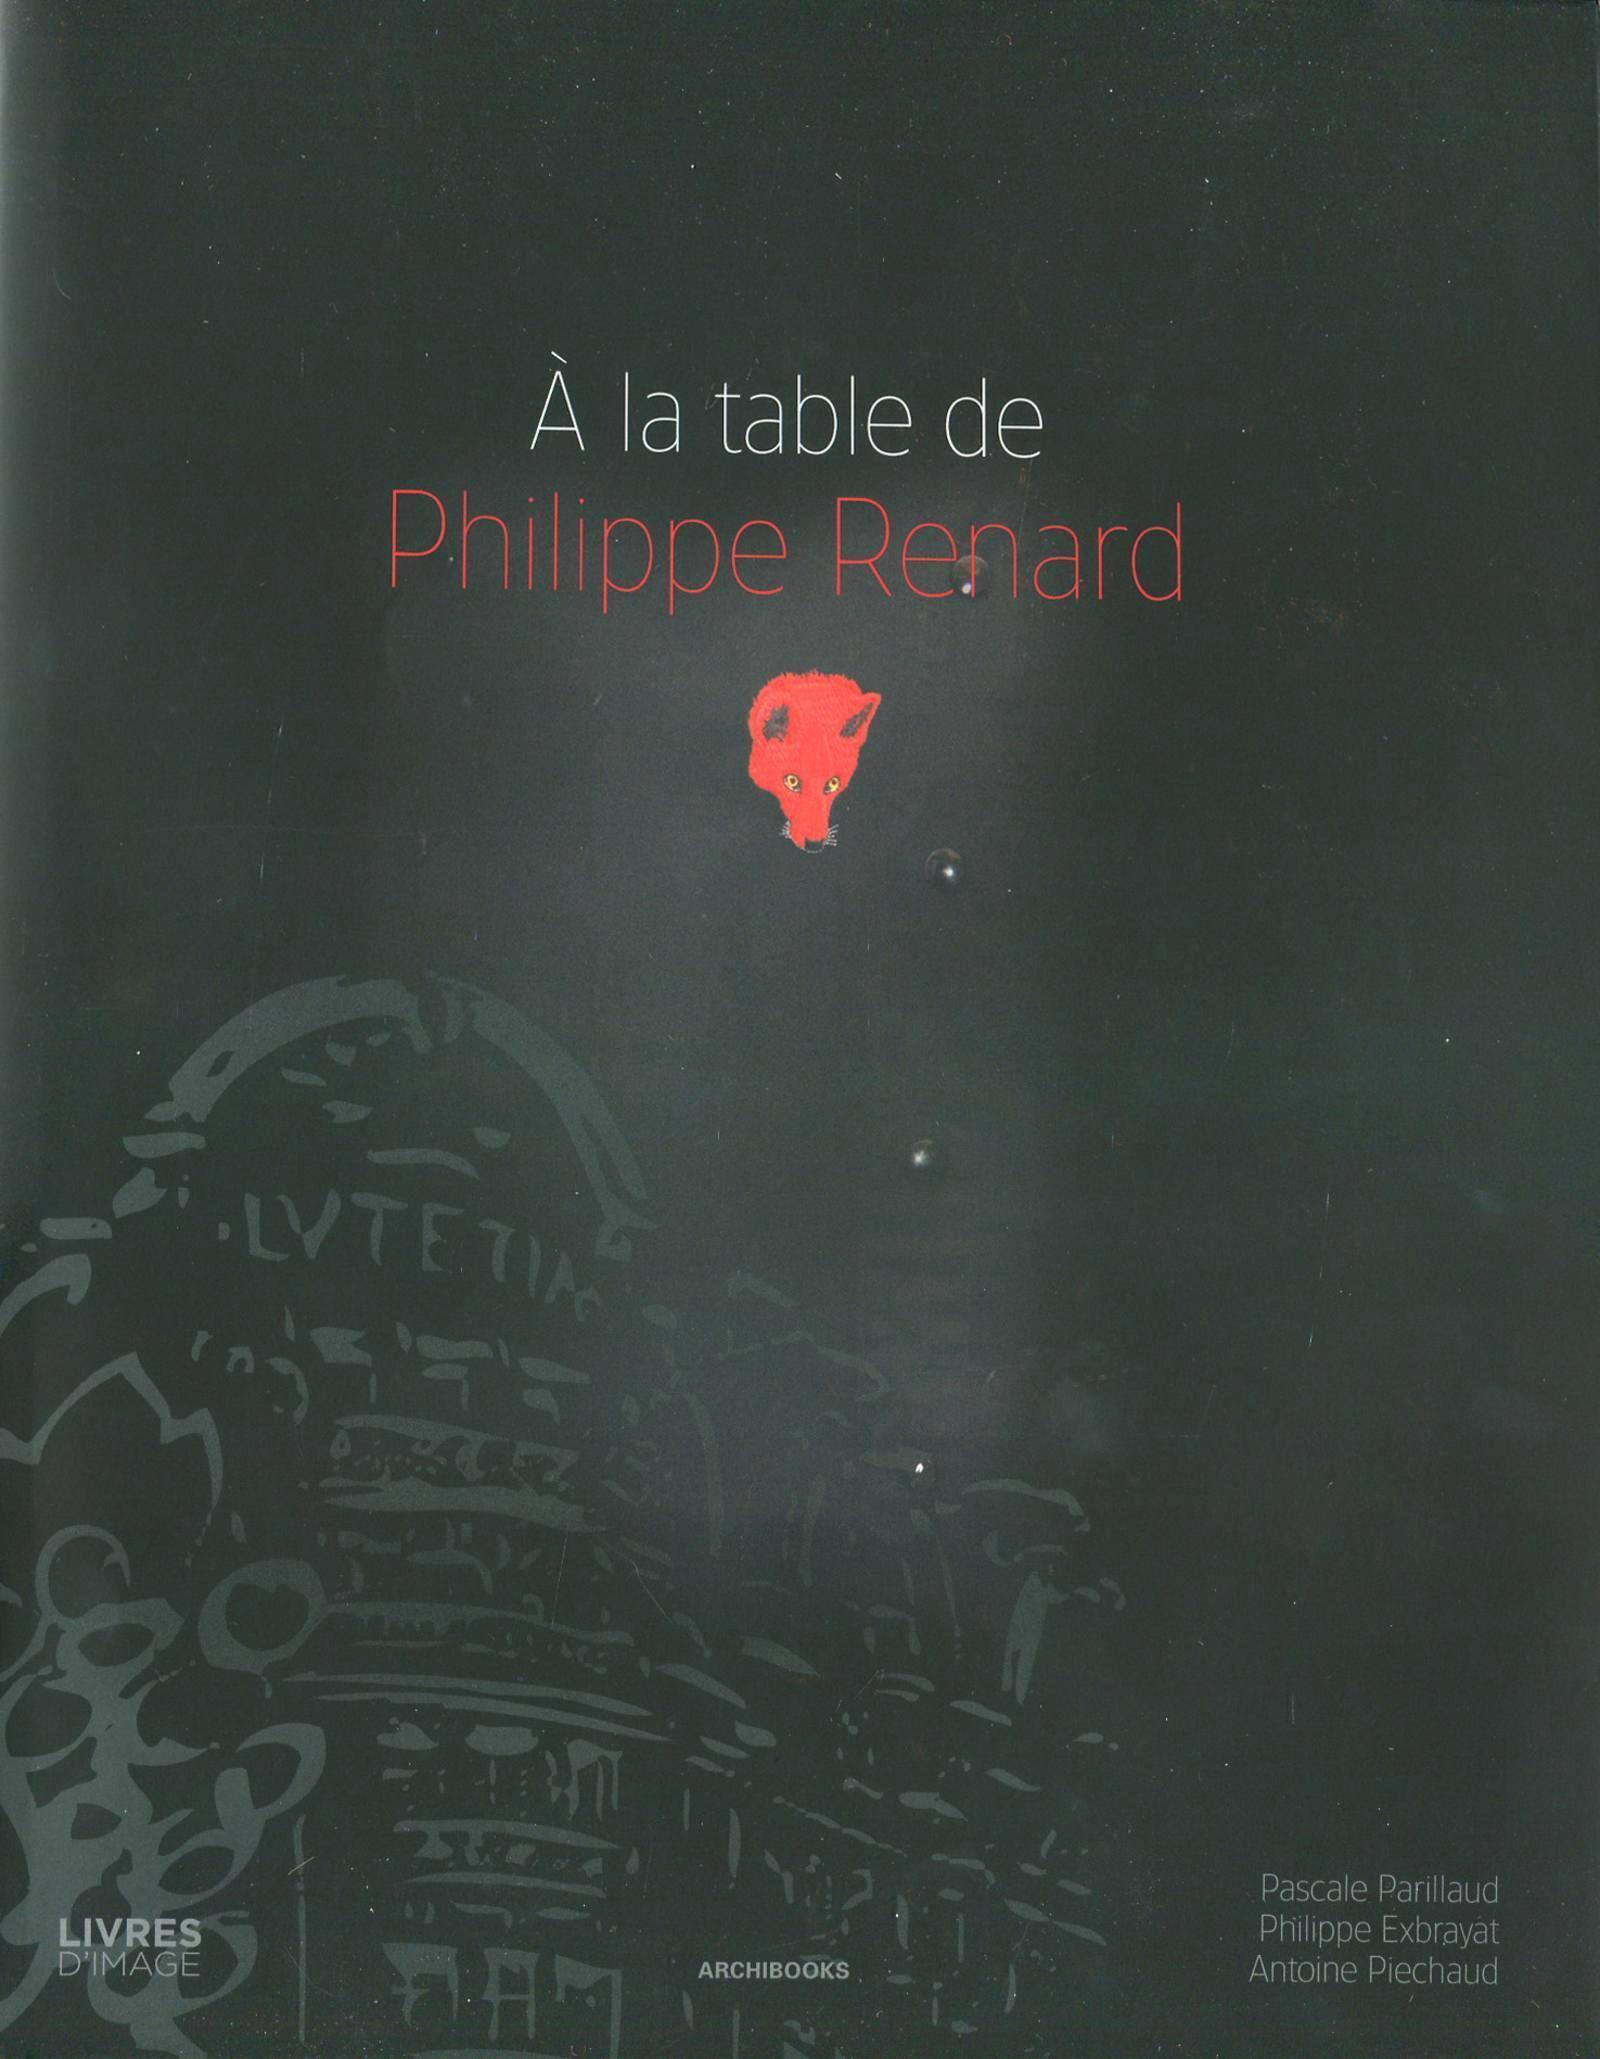 A LA TABLE DE PHILIPPE RENARD - PHOTOGRAPHIES DE : PHILIPPE EXBRAYAT ET ANTOINE PIECHAUD